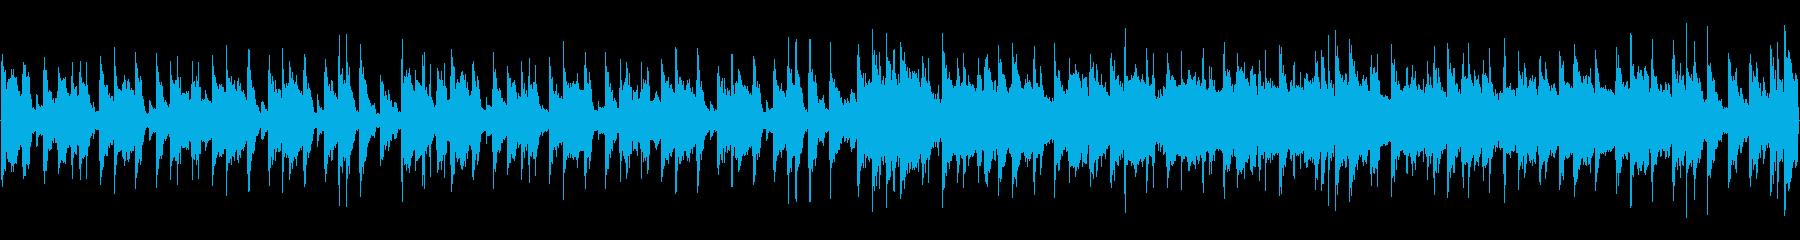 元気はつらつなループ用BGMの再生済みの波形